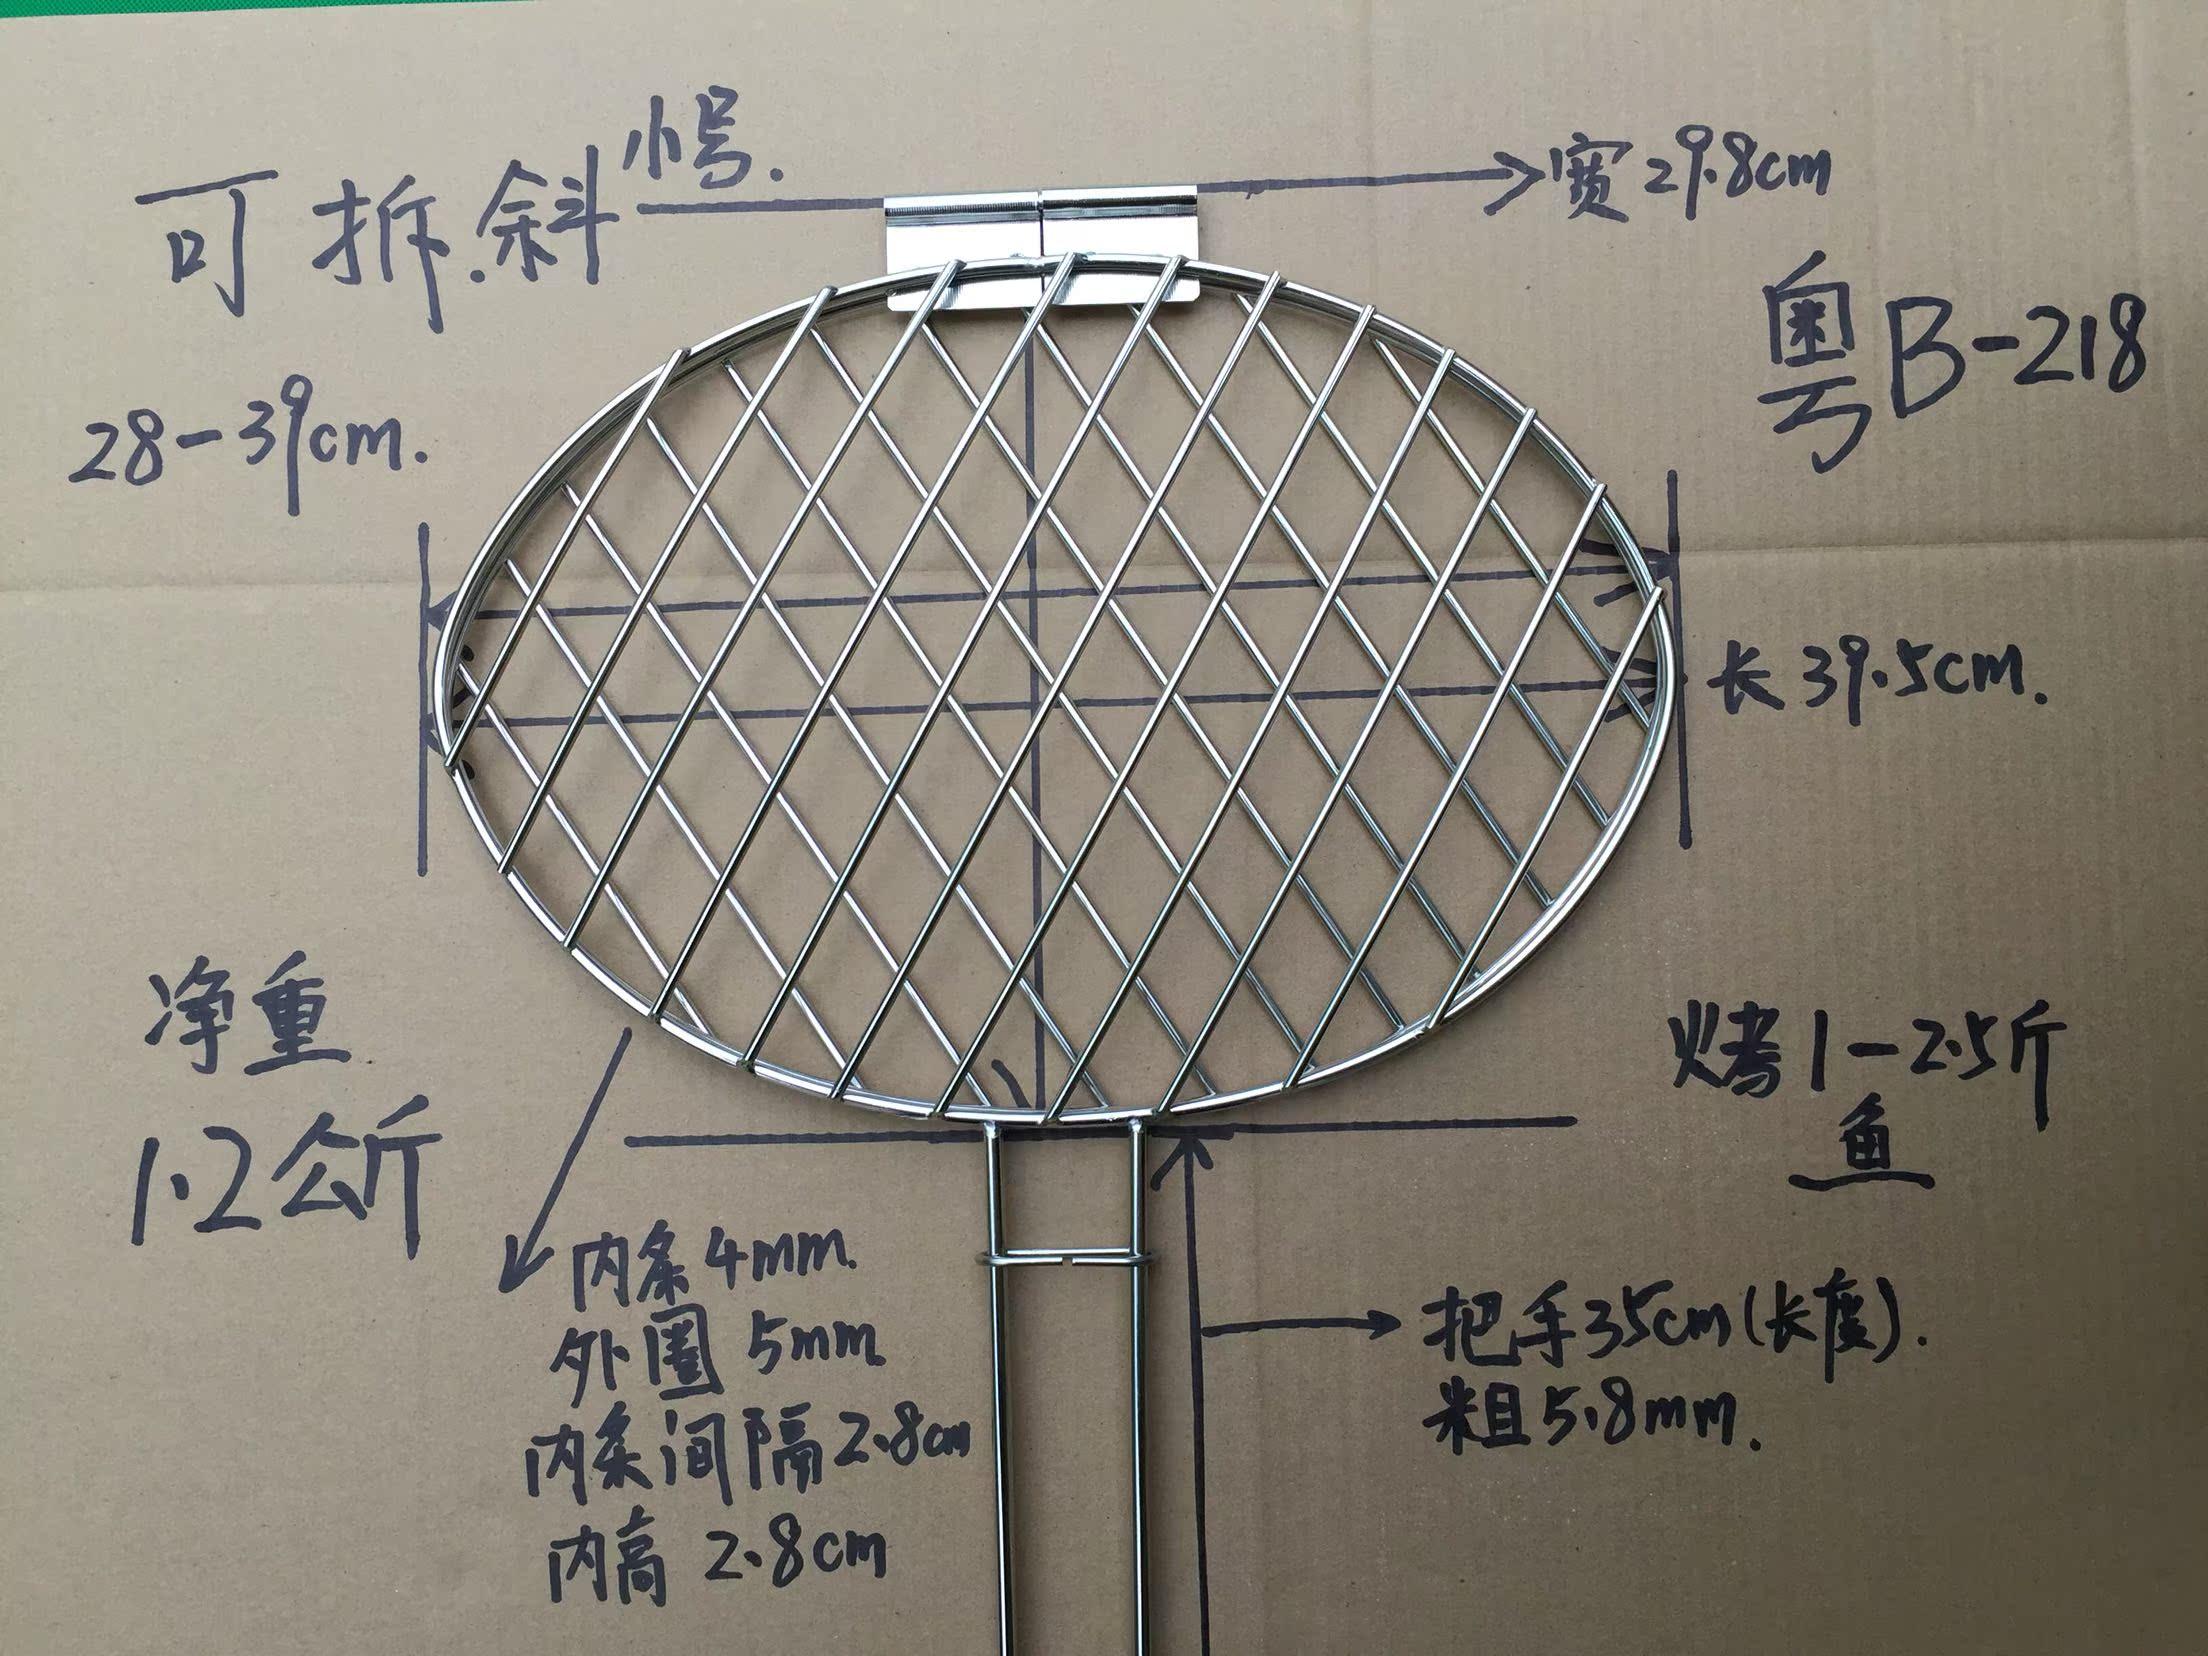 съемный коммерческих мелким шрифтом наклонных полос из нержавеющей стали толщиной 1 - 2,5 кг рыбы на гриле клип барбекю зажим